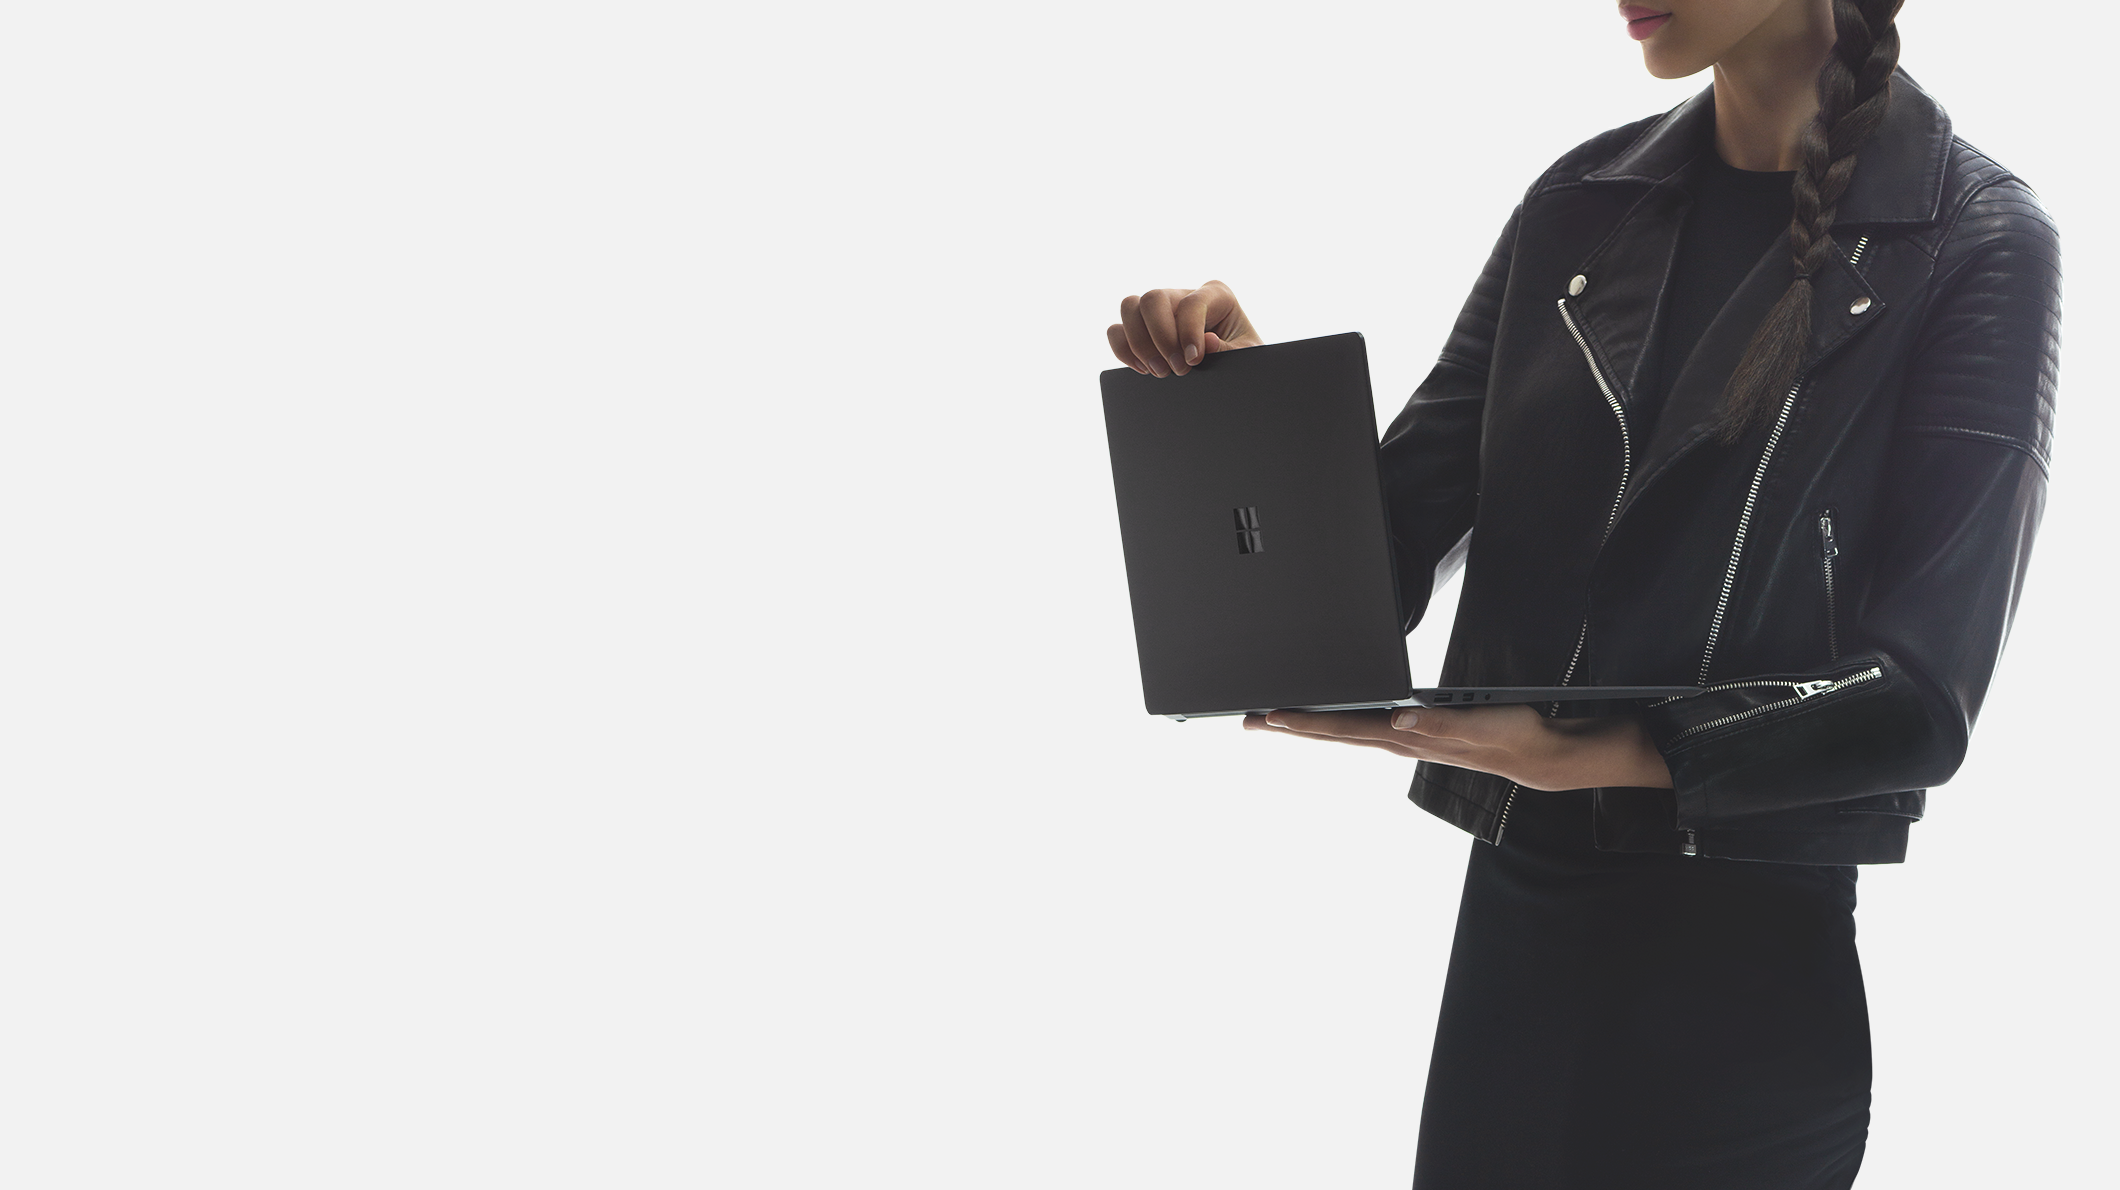 Une femme tient un Surface Laptop2